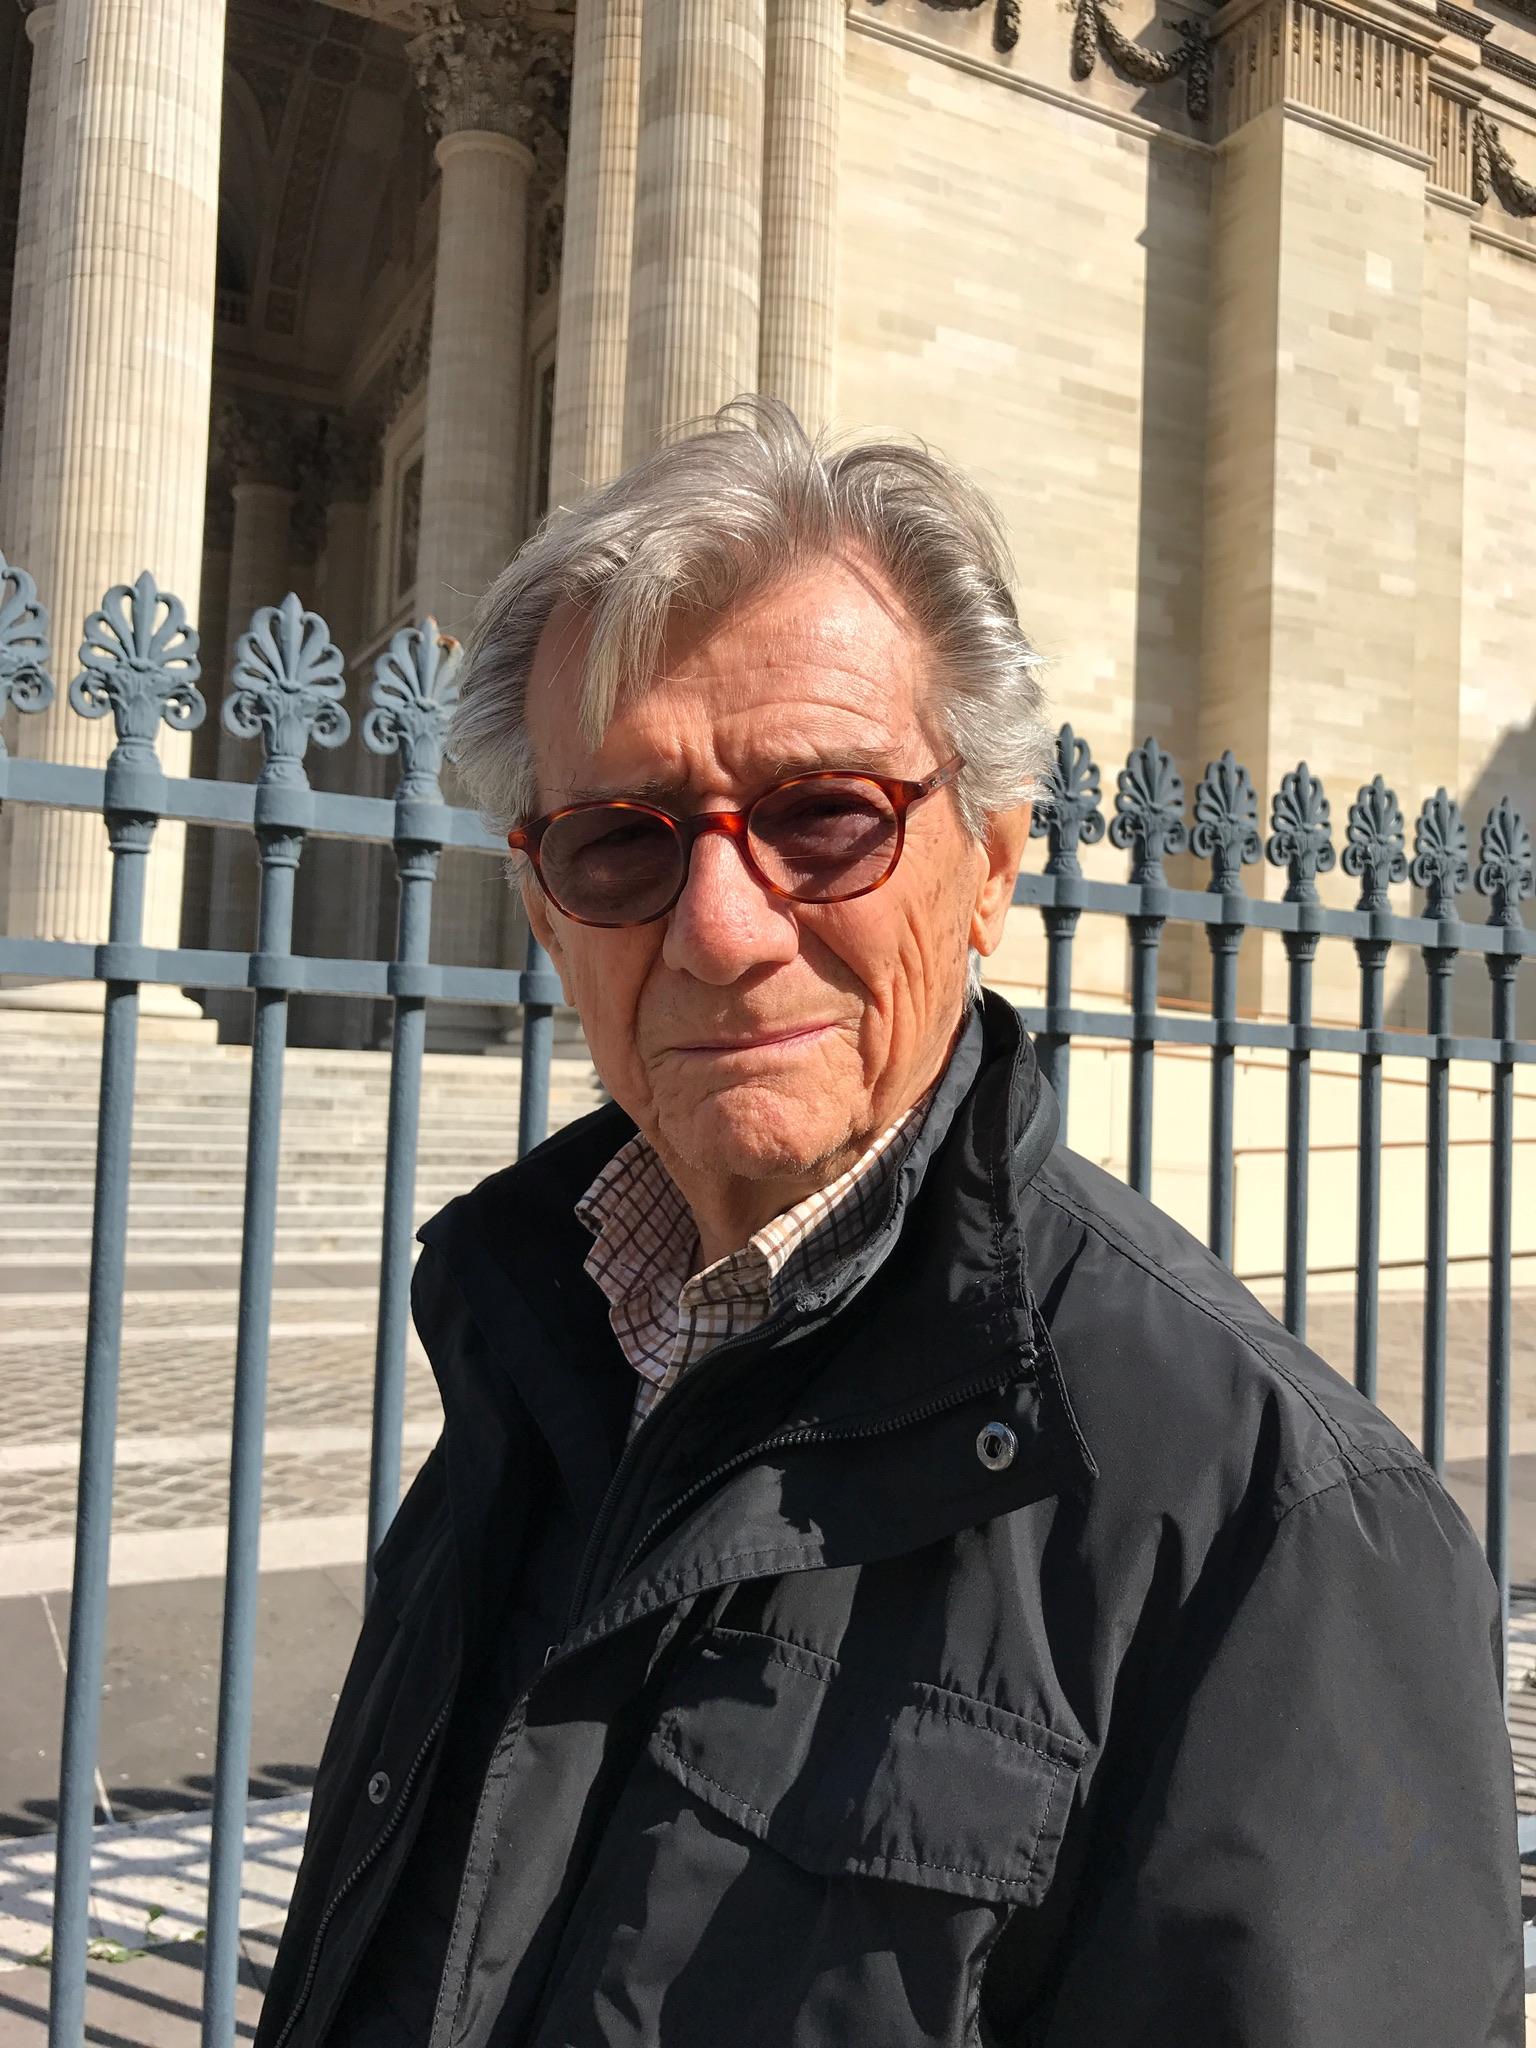 Gerald Vizenor in Paris